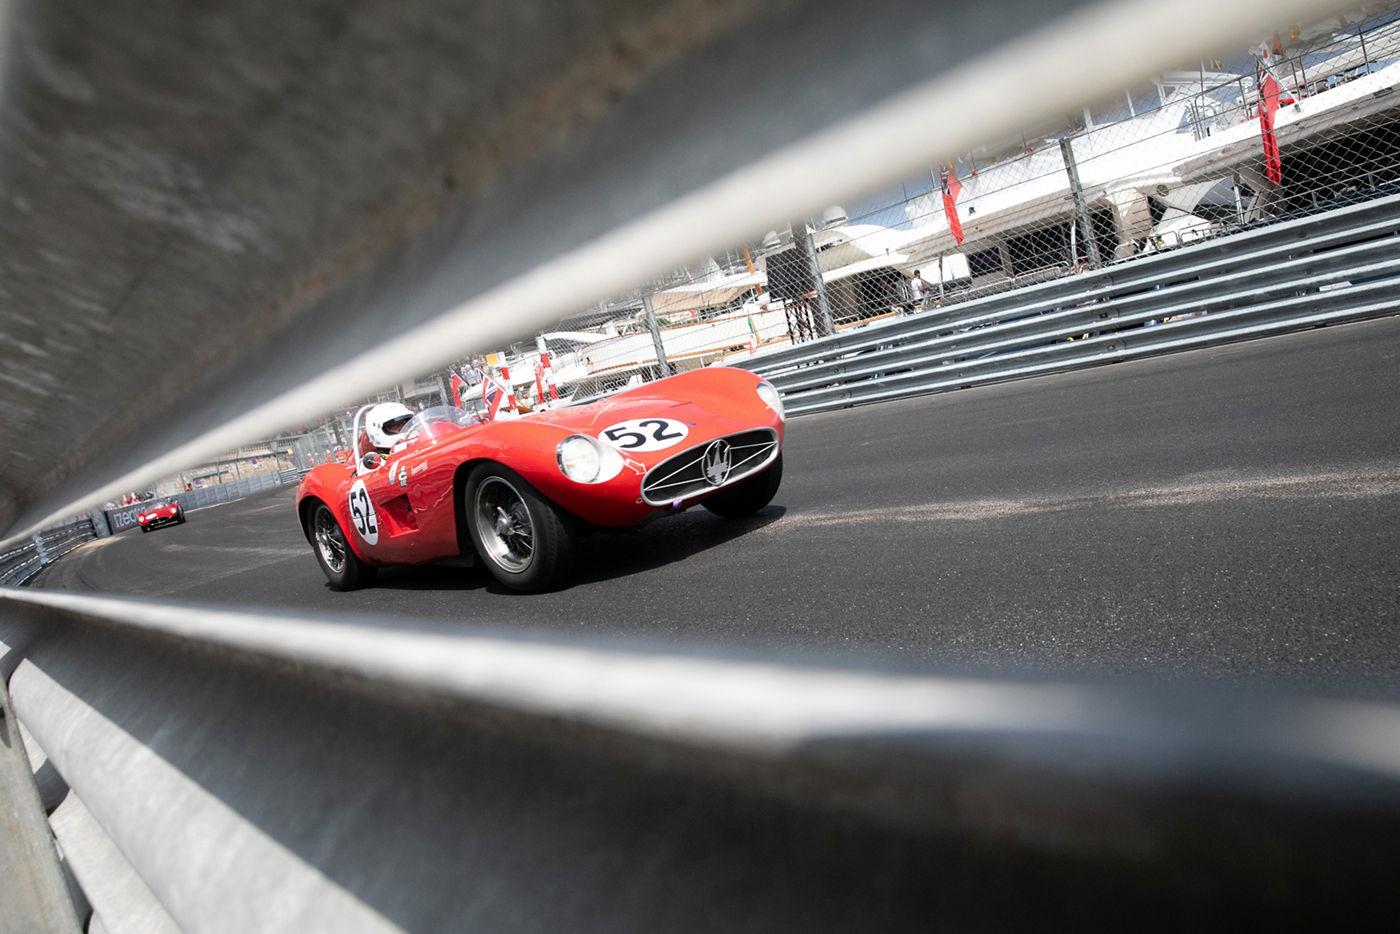 Grand Prix de Monaco Historique 2018 - Maserati 300 S